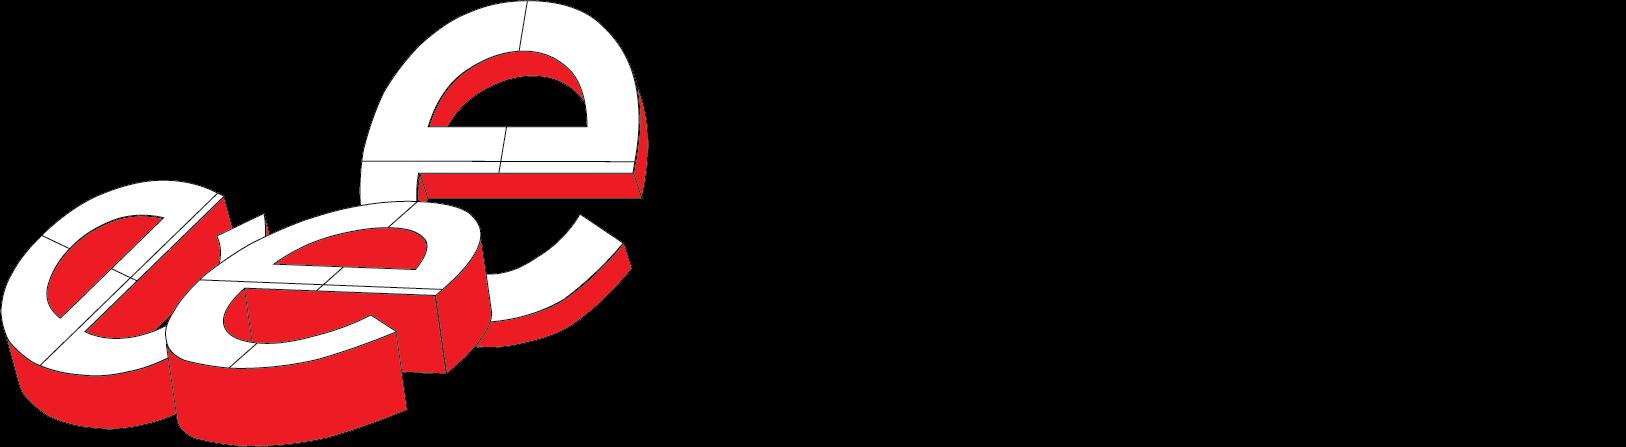 3e-logo-3ds